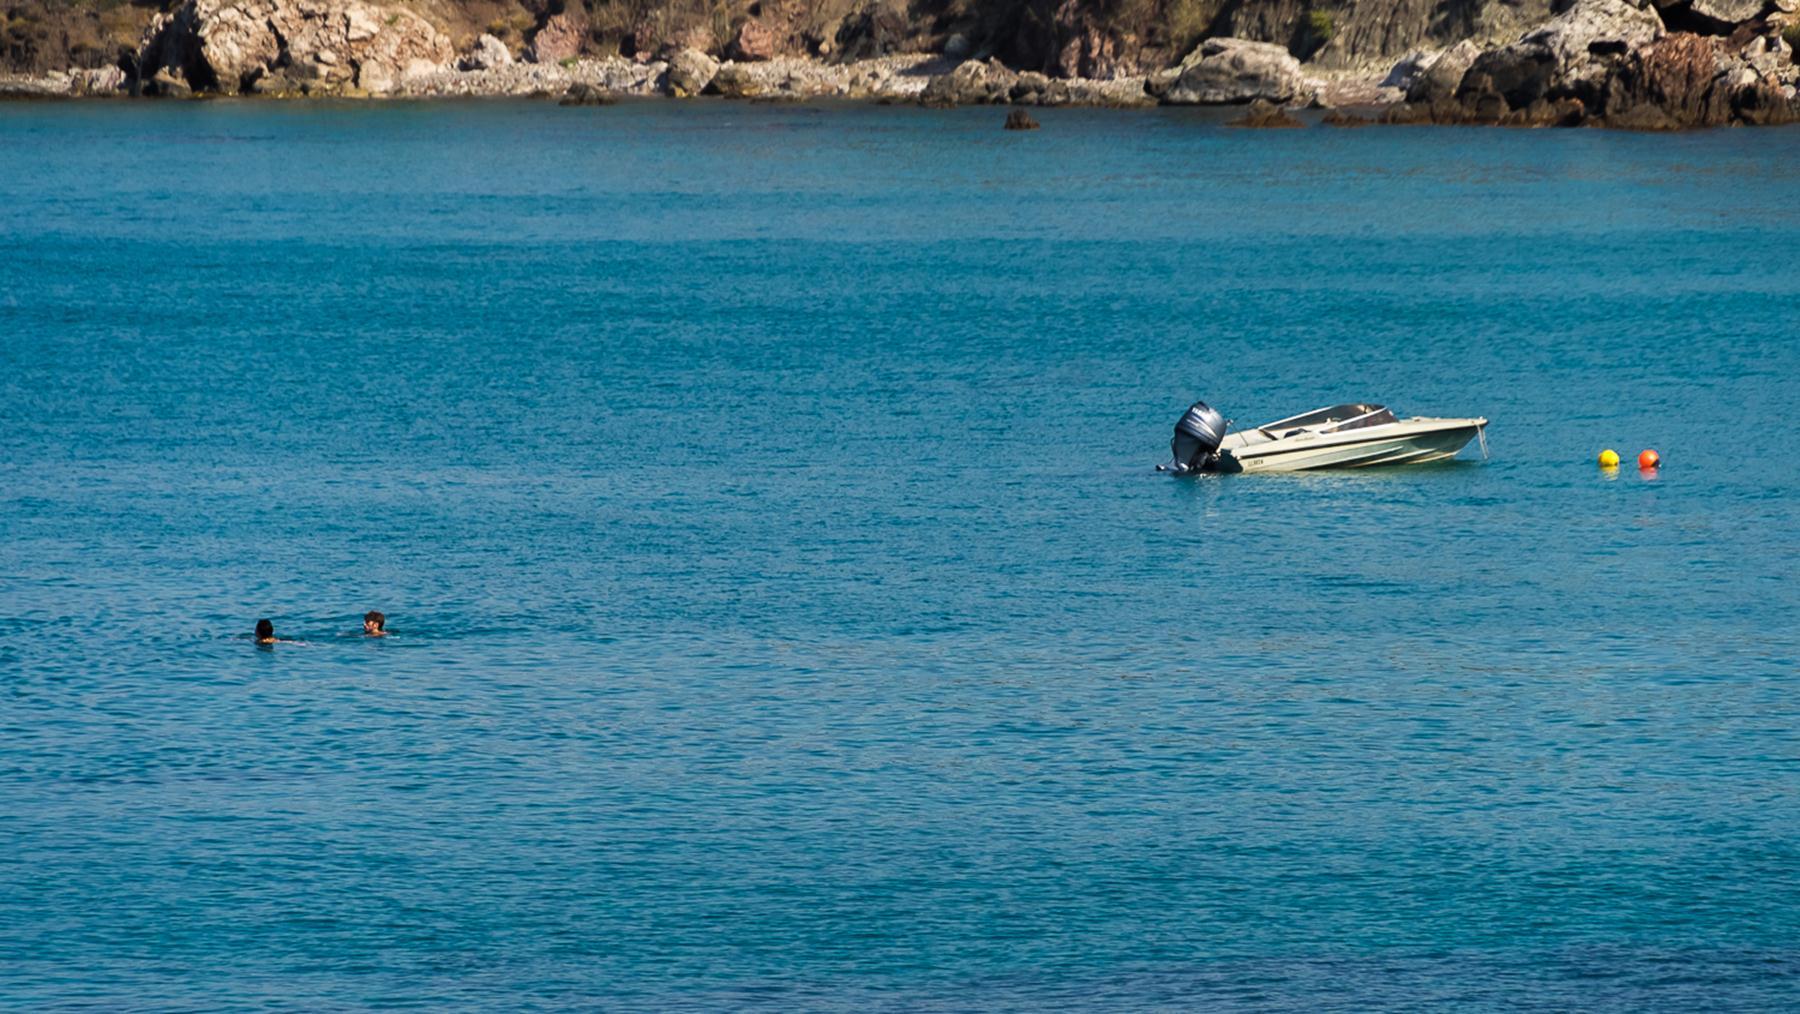 Моторная лодка и двое плавающих